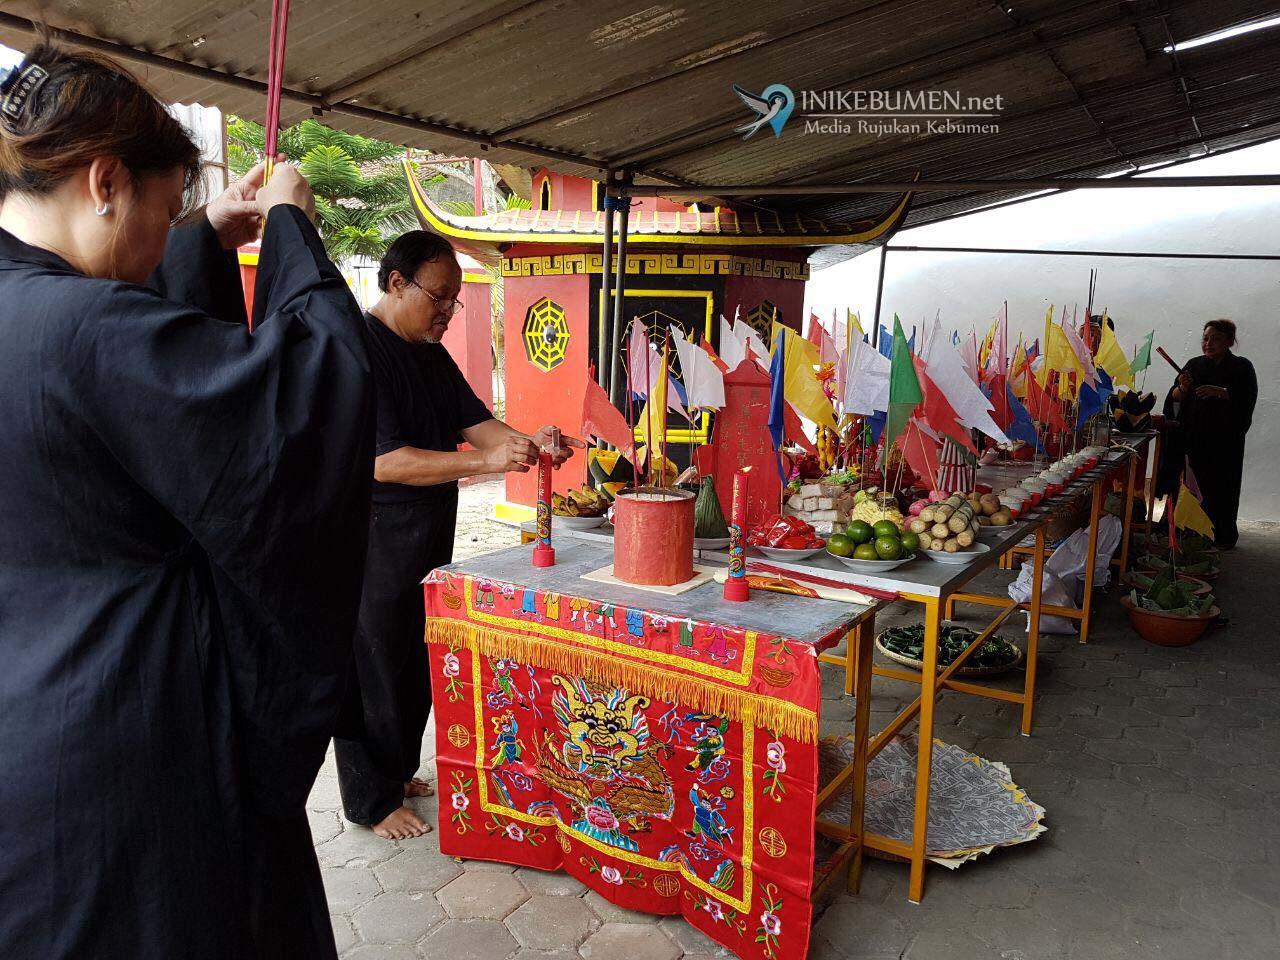 Warga Tionghoa Kebumen Gelar Sembahyang Gui Jie di Klenteng Kong Hwe Kiong Kebumen